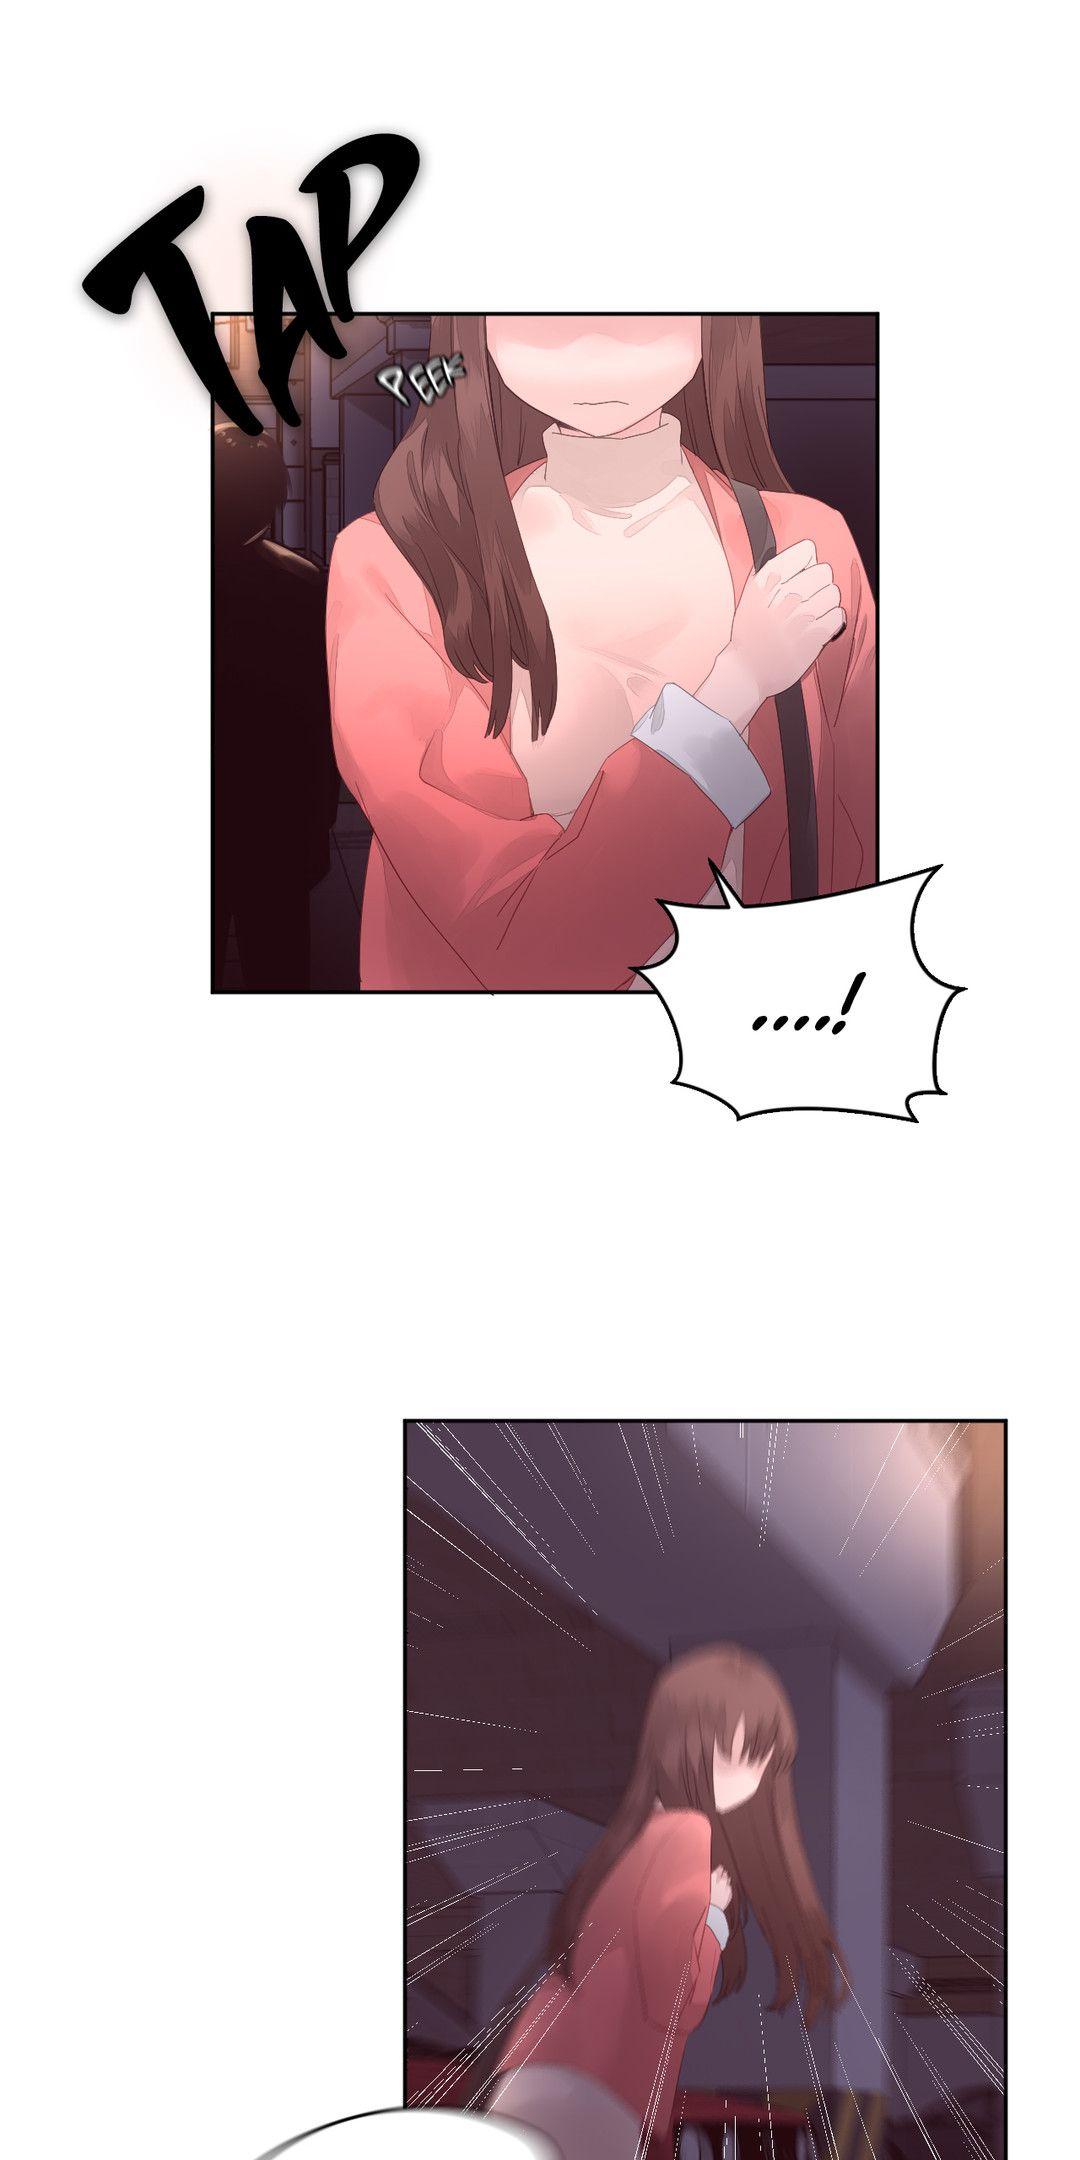 https://c9.mangatag.com/es_manga/pic5/58/25146/637408/cea64a883d35e5409c4bc81bdaedd55e.jpg Page 47